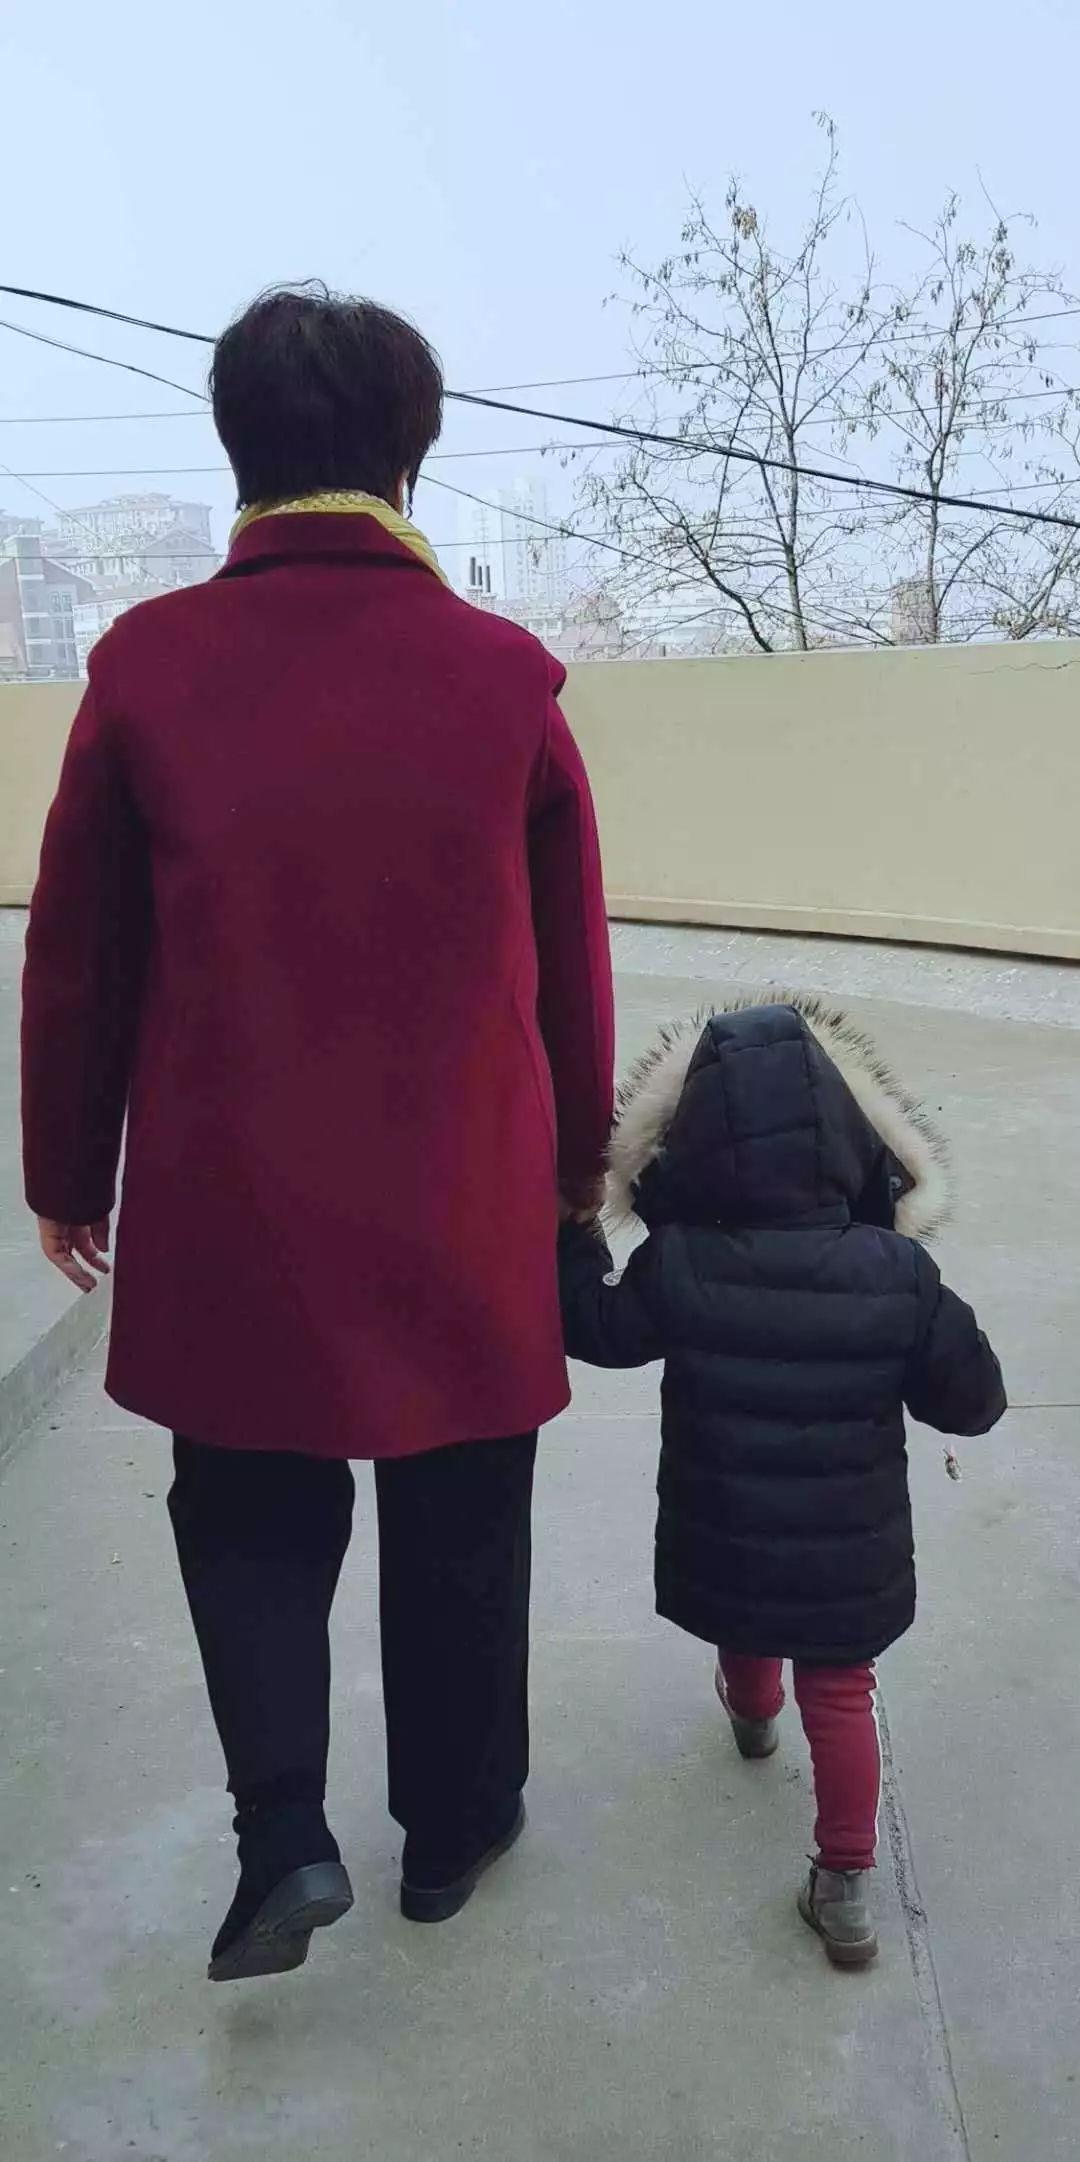 母子 牵手 背影图片_母子 牵手 背影素材_母... _摄图网图片下载